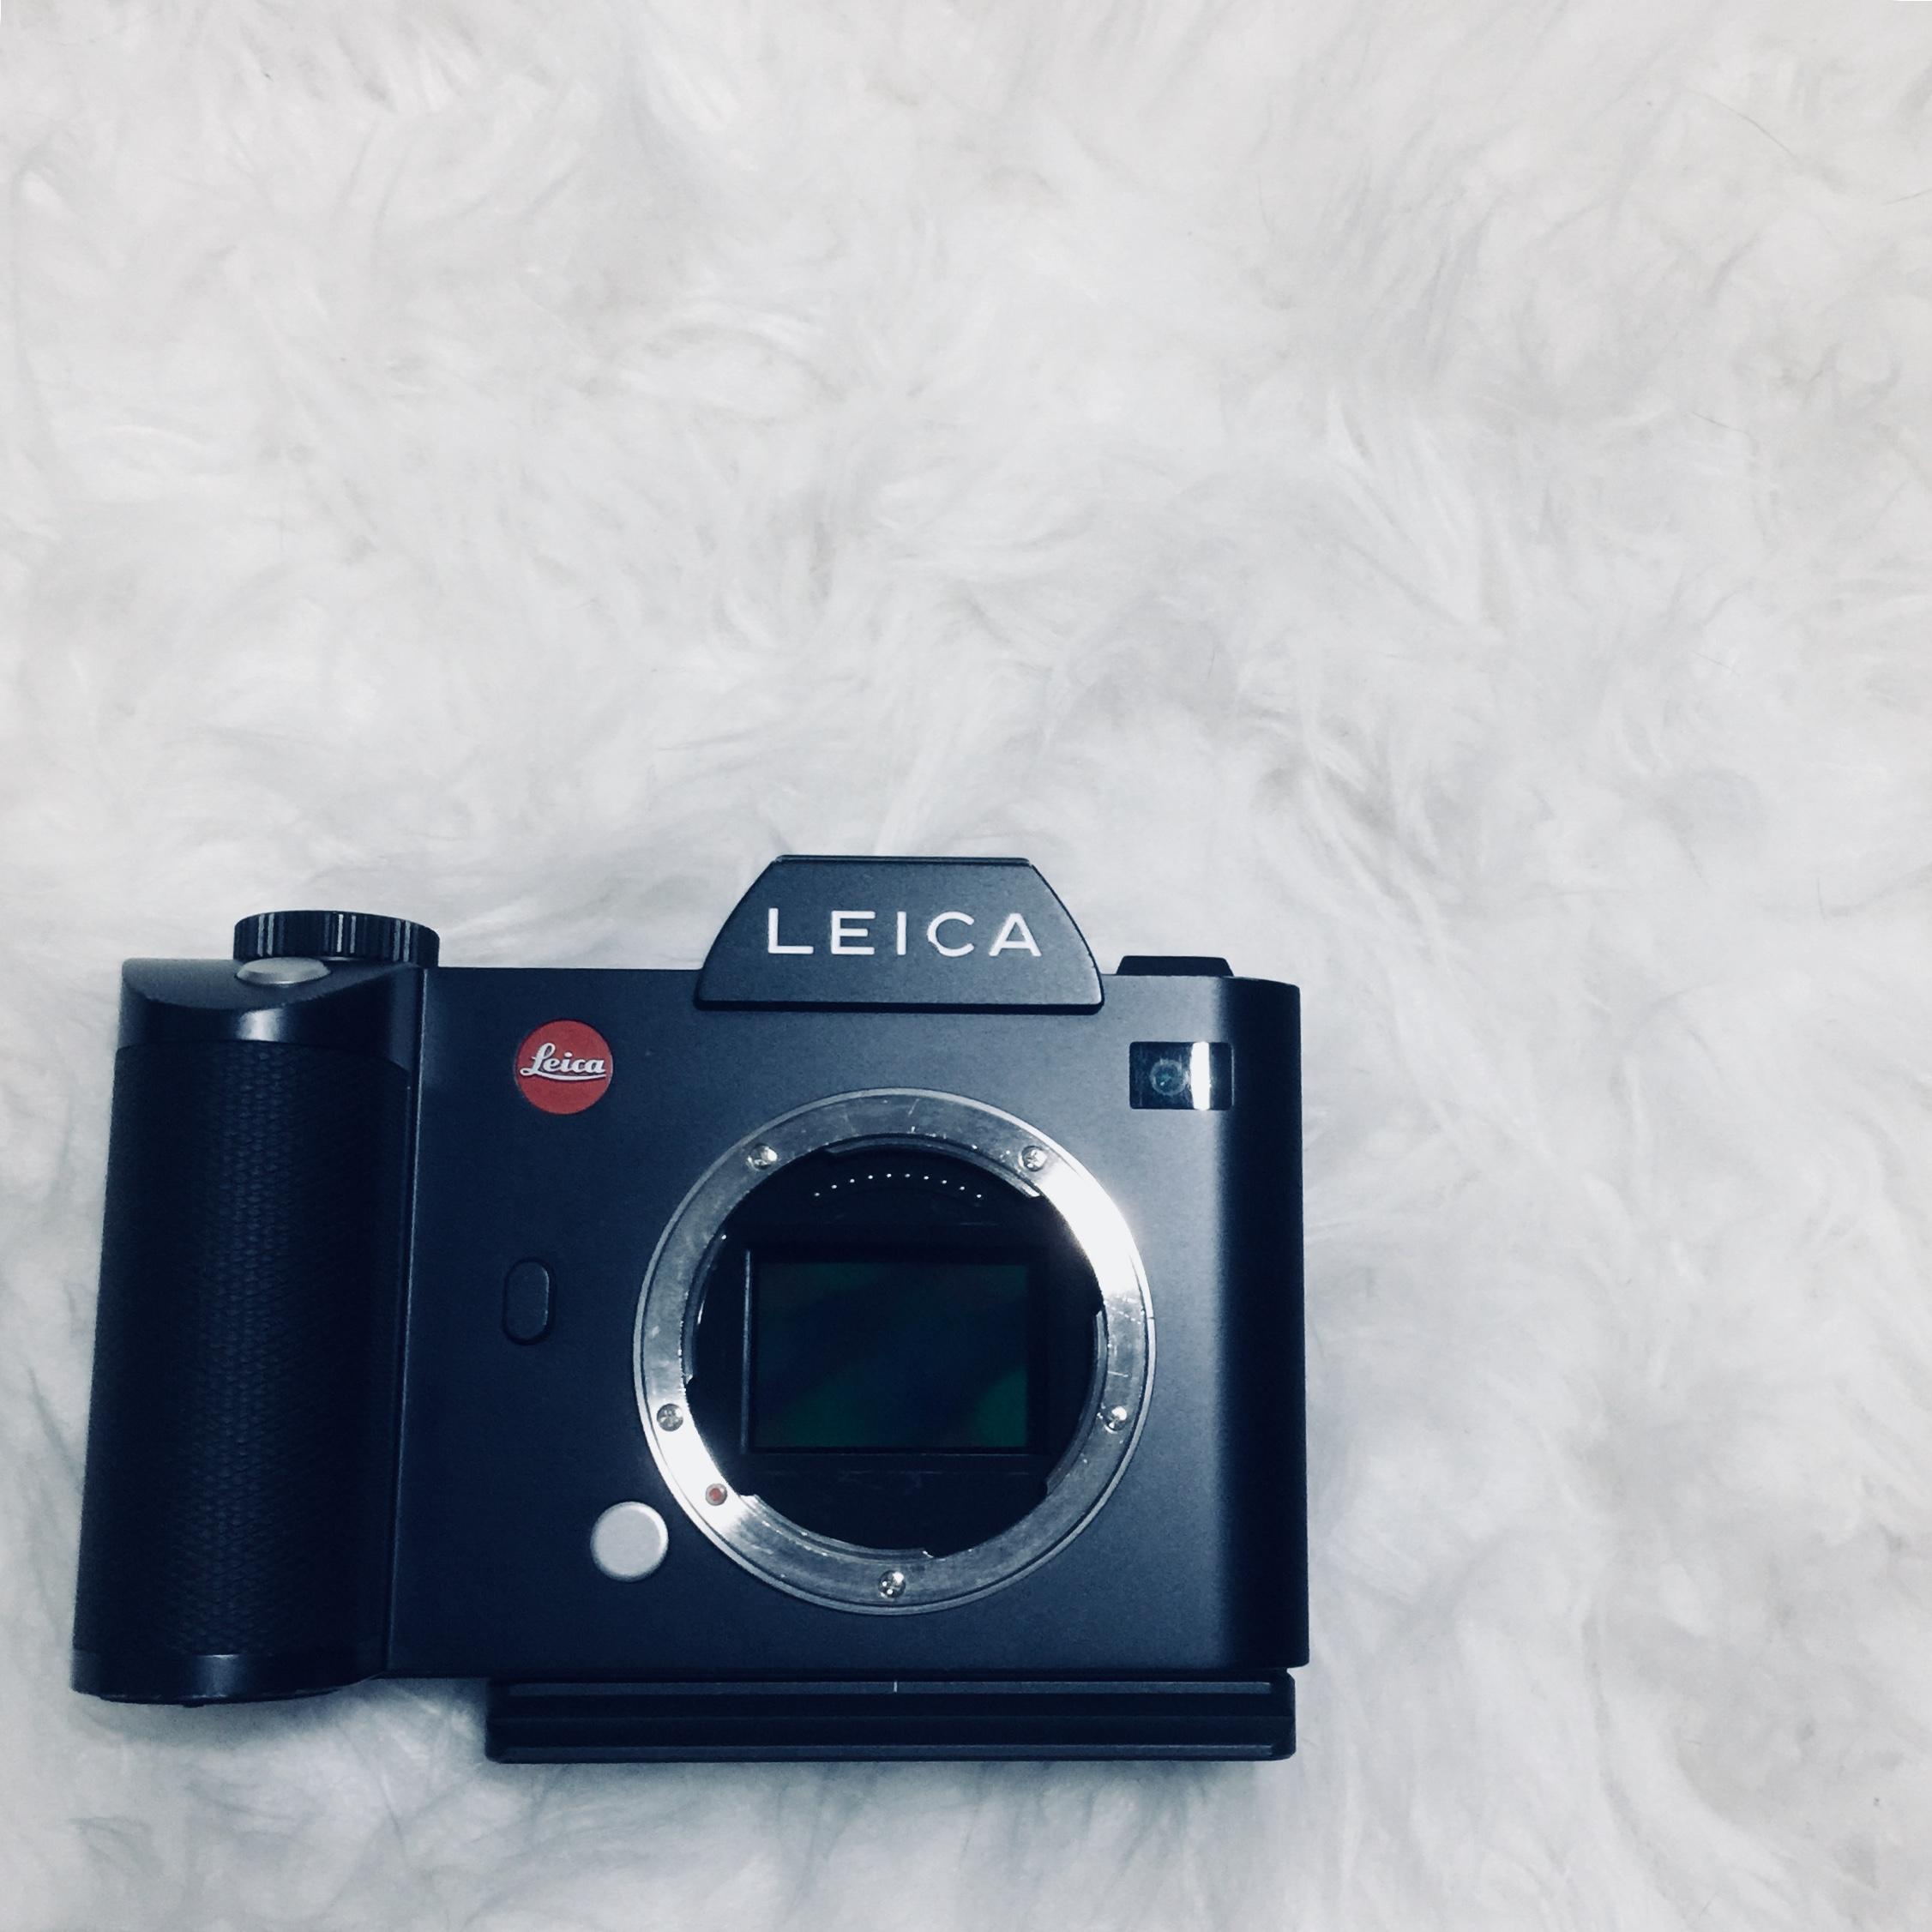 Leica SL - 24 MegapixelsMirrorless Digital CameraElectronic Viewfinder$5,995